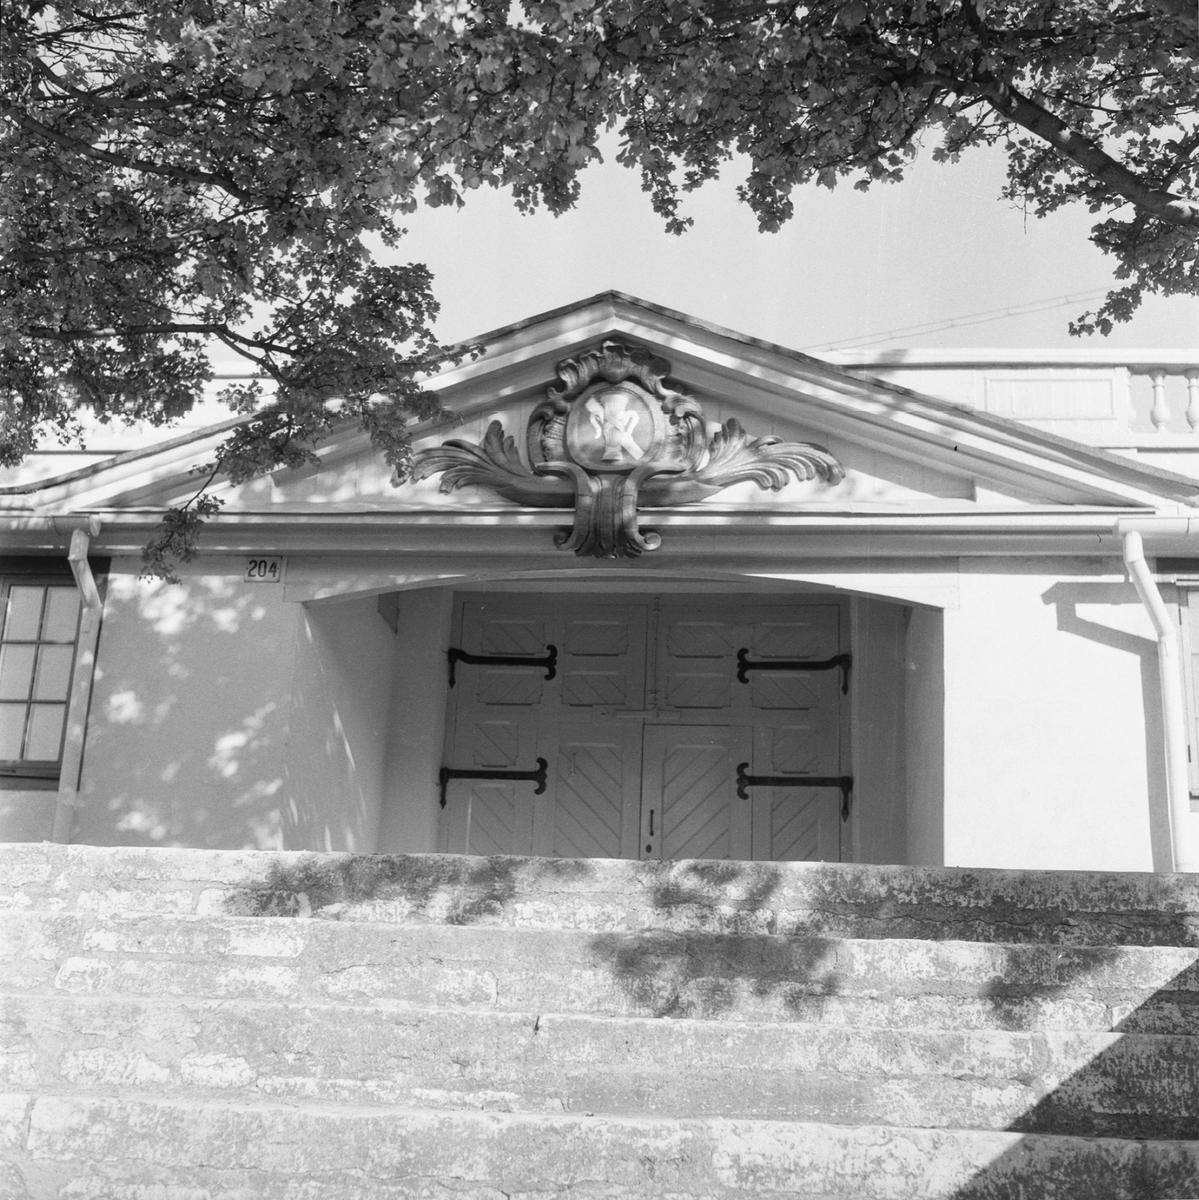 Övrigt: Fotodatum:8/10 1959 Byggnader och Kranar. Byggn å varvet Chapmansporten. Närmast identisk bild: V16763, ej skannad